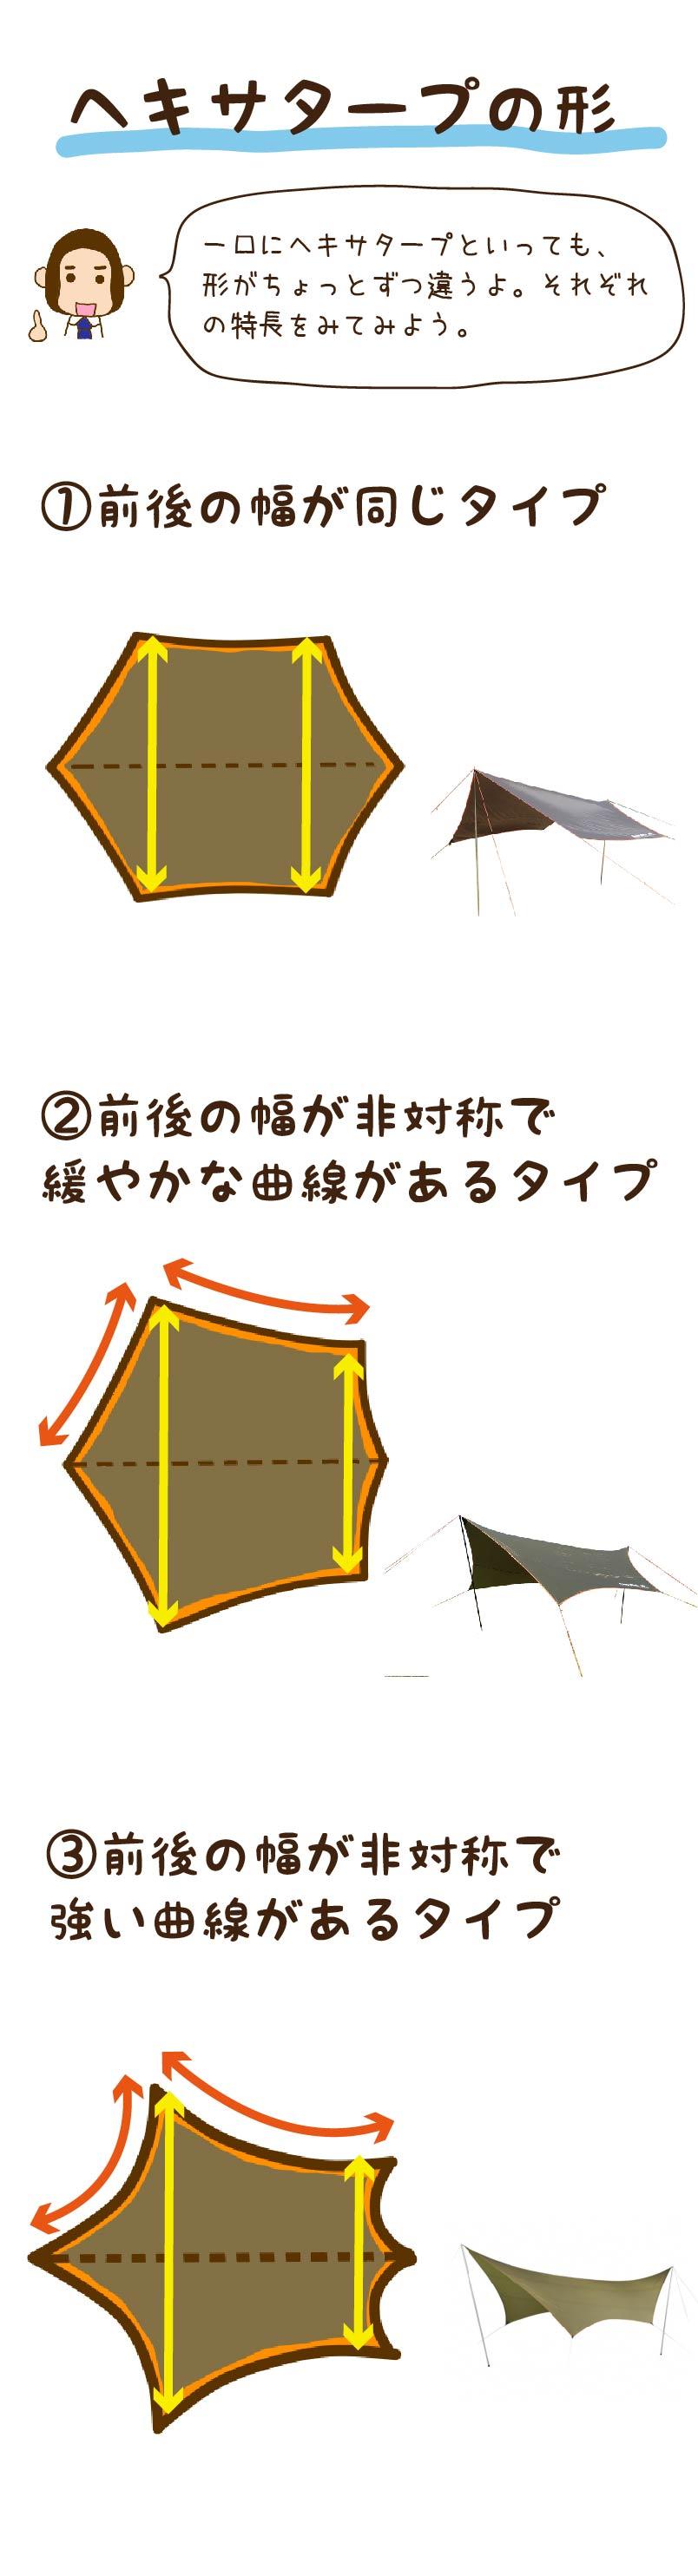 ヘキサタープの下達について図解